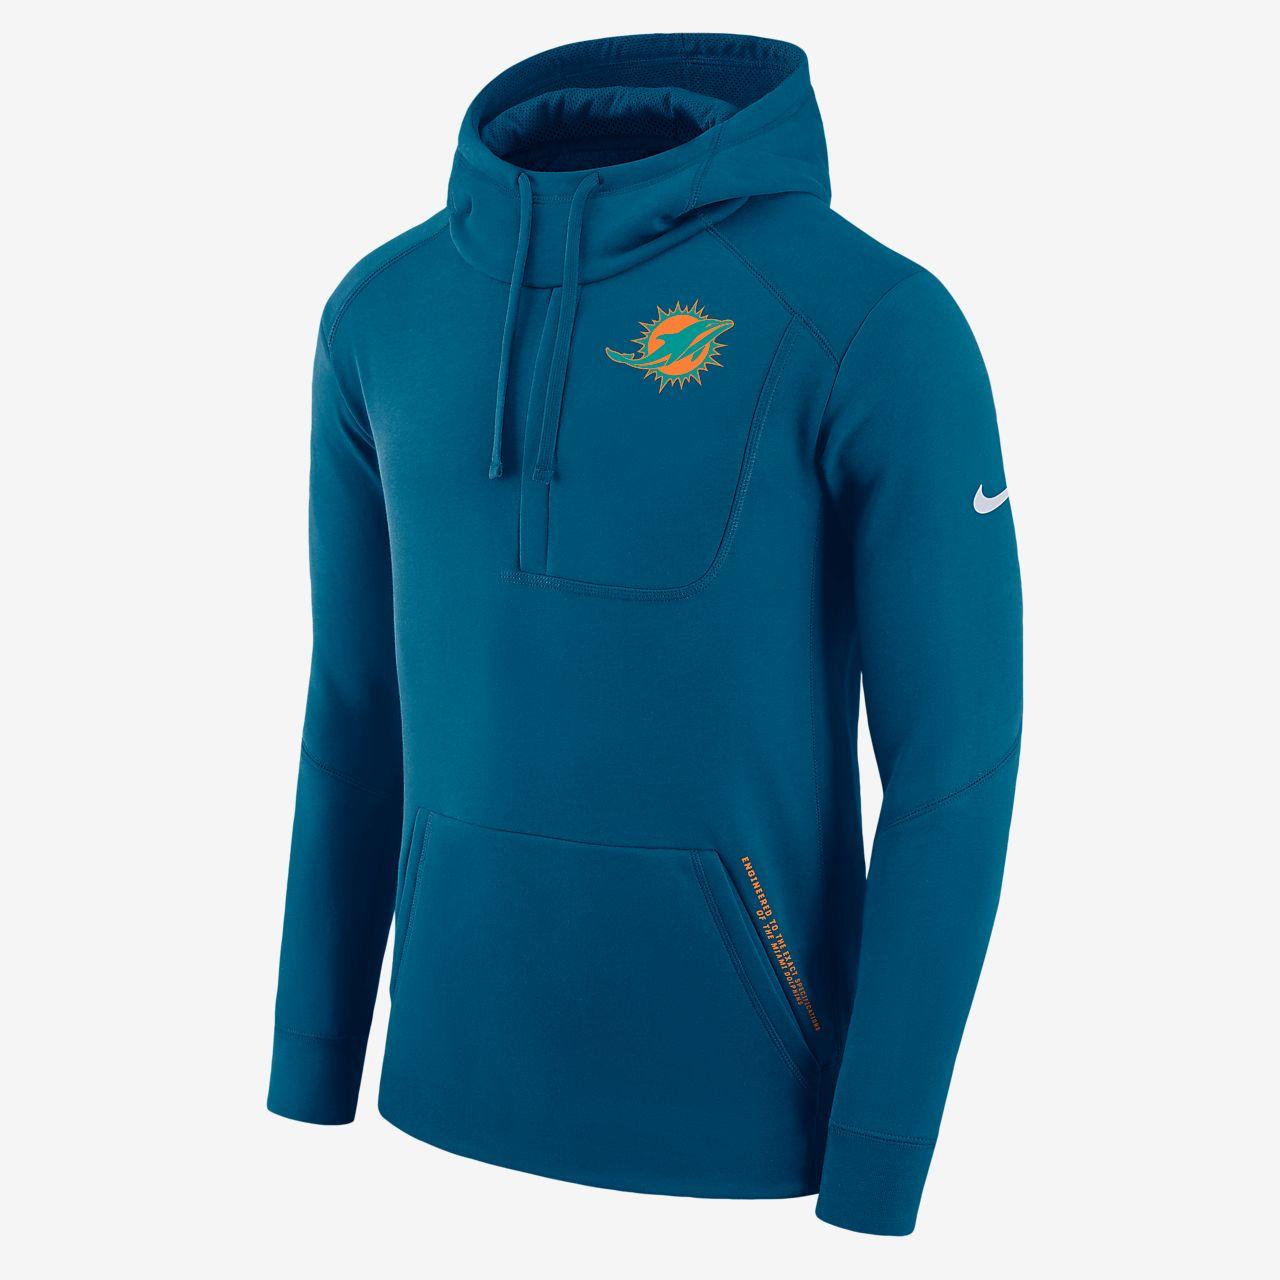 Nike Fly Fleece (NFL Dolphins) hettegenser for herre